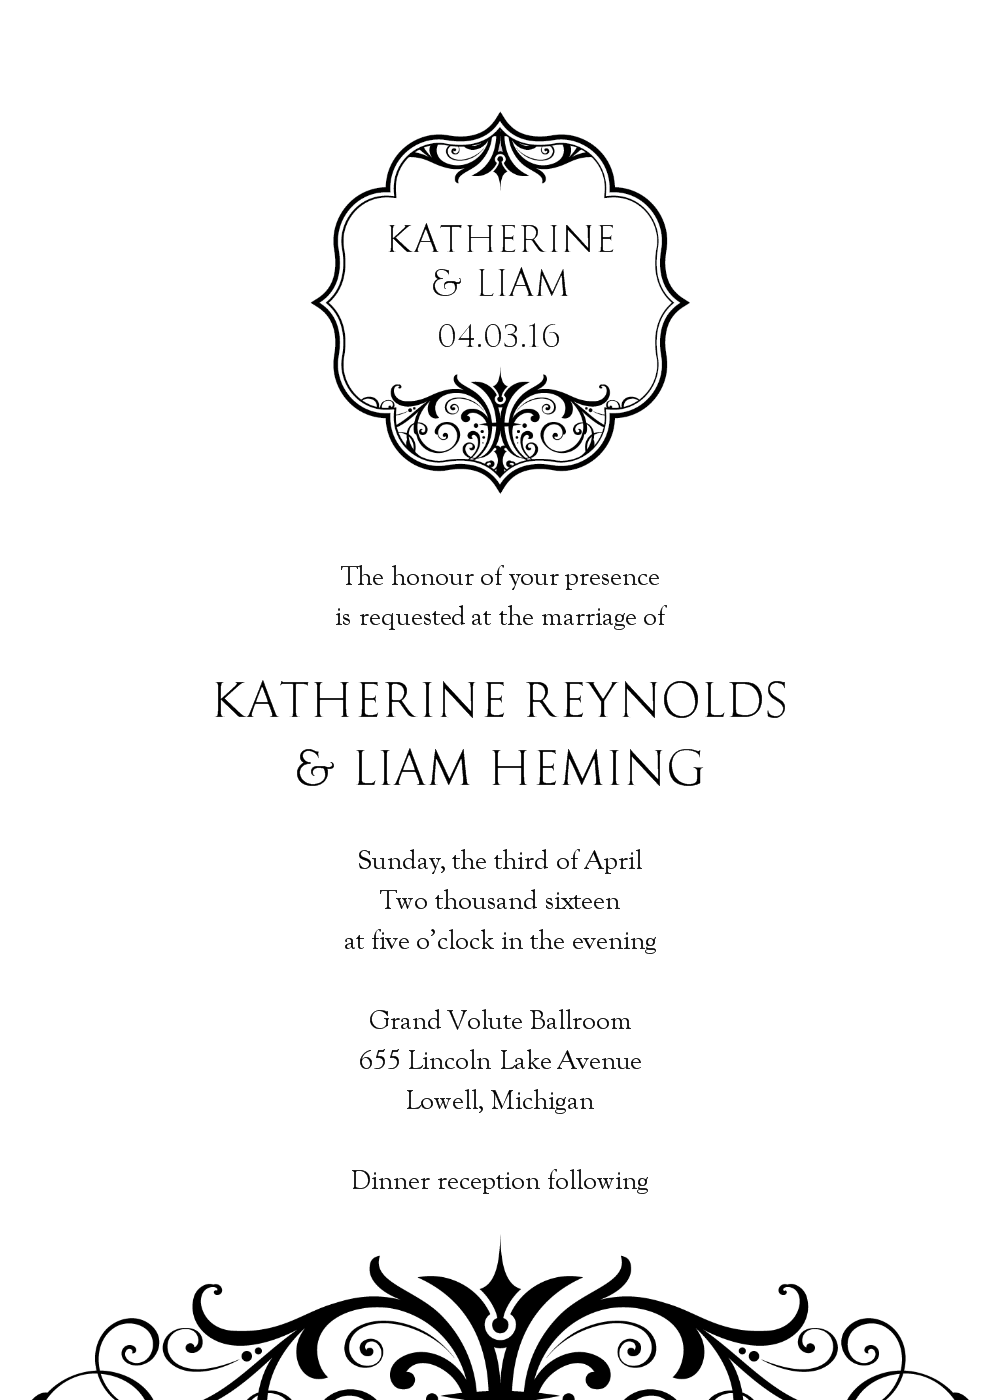 Wilton invitation templates wedding for Wilton print templates